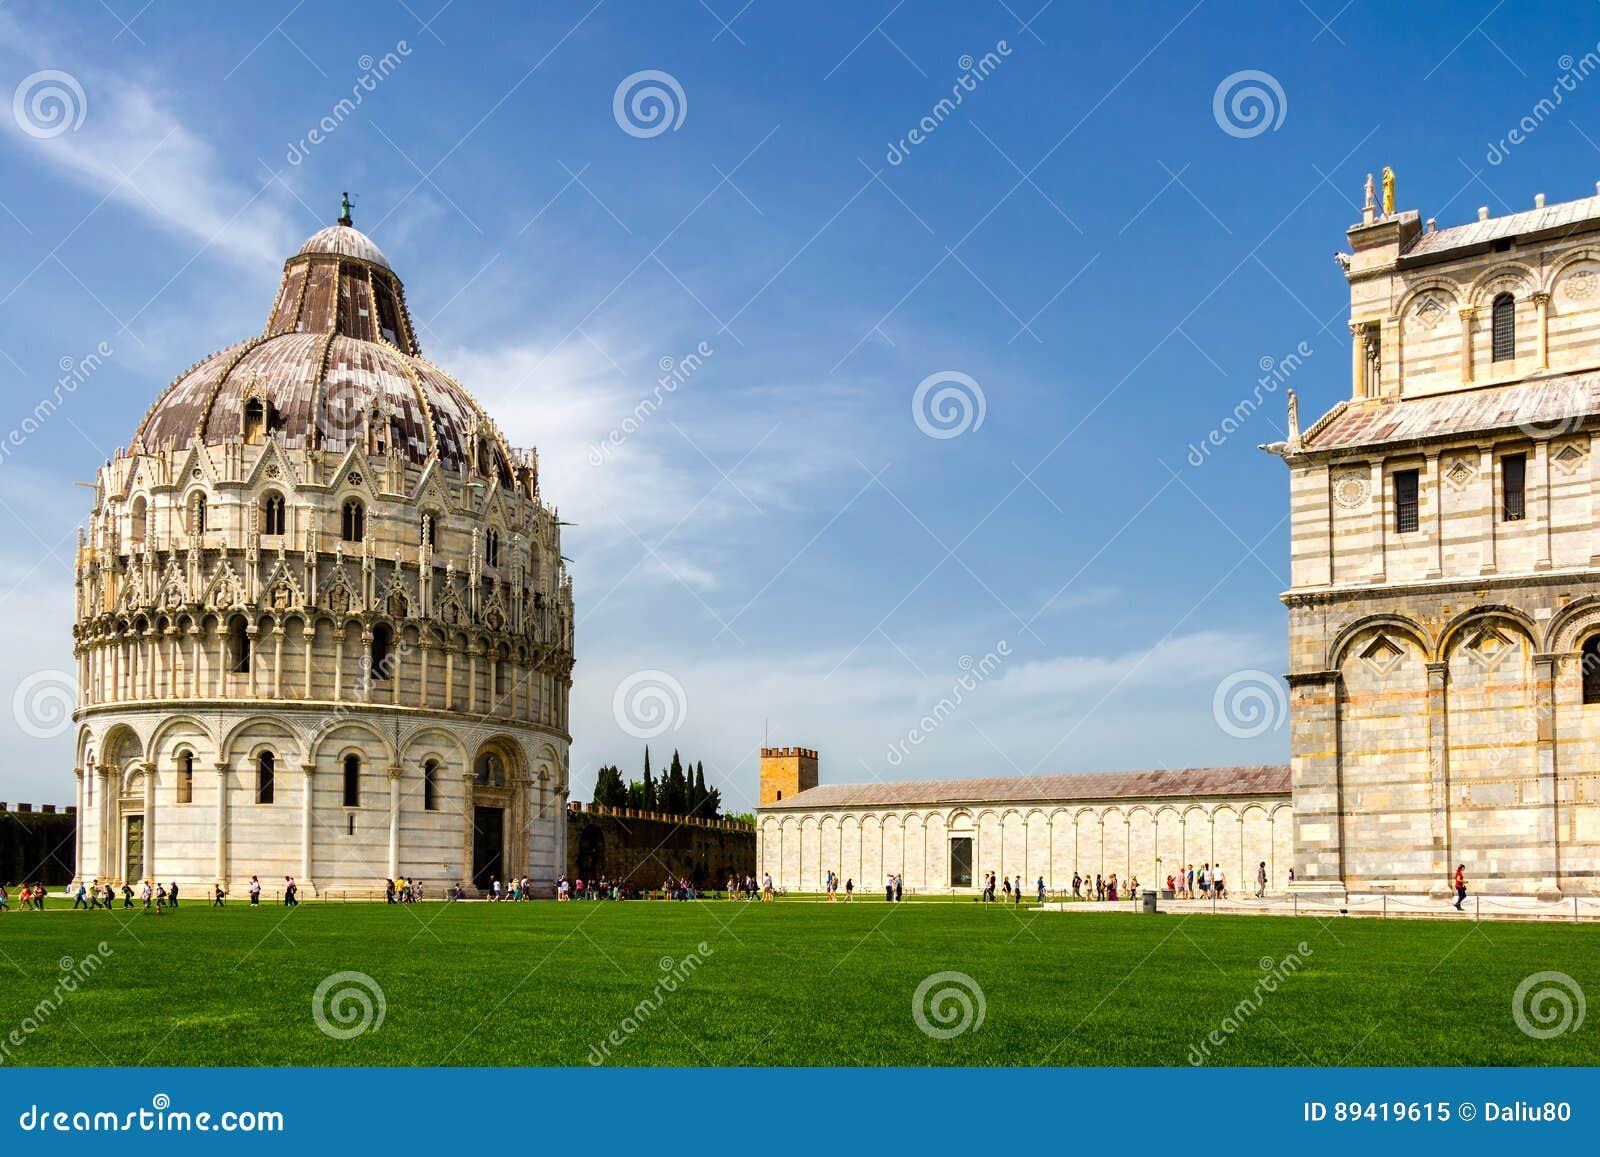 比萨大教堂(中央寺院二比萨)有比萨斜塔的